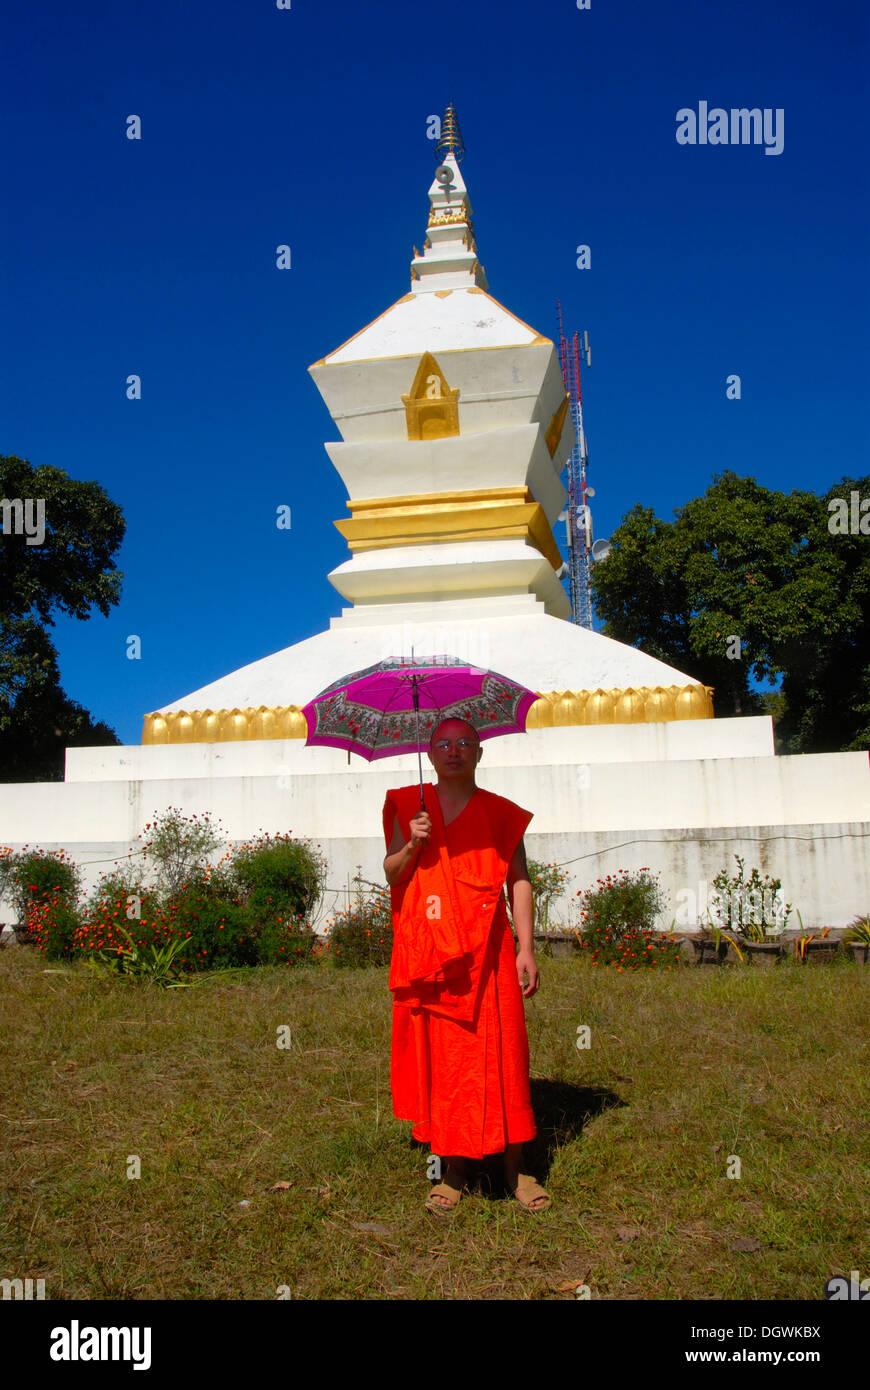 Monk with parasol, orange robe, white stupa, Phu Fa mountain, Phongsali, Laos, Southeast Asia, Asia - Stock Image